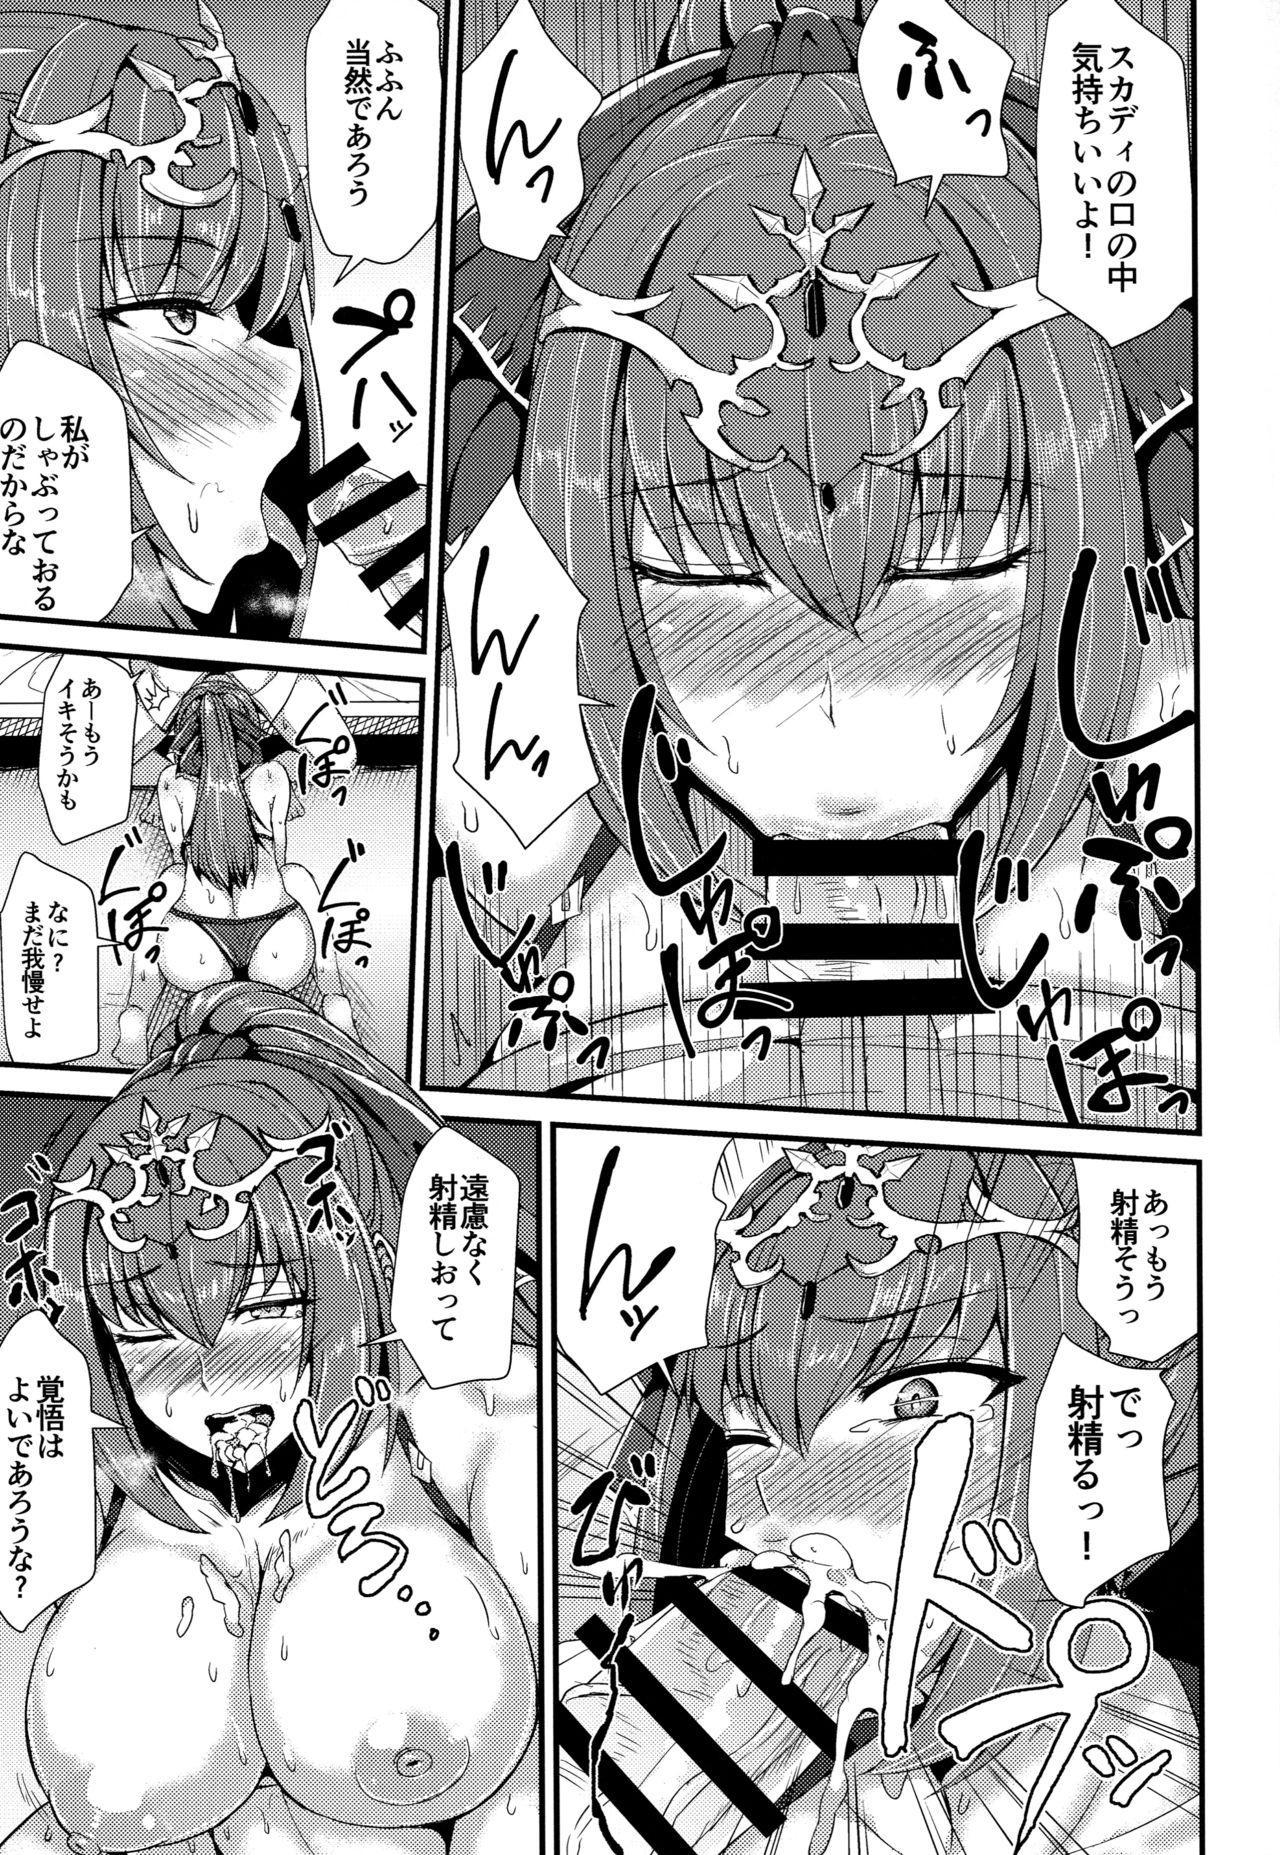 Ano Natsu o Mou Ichido 15